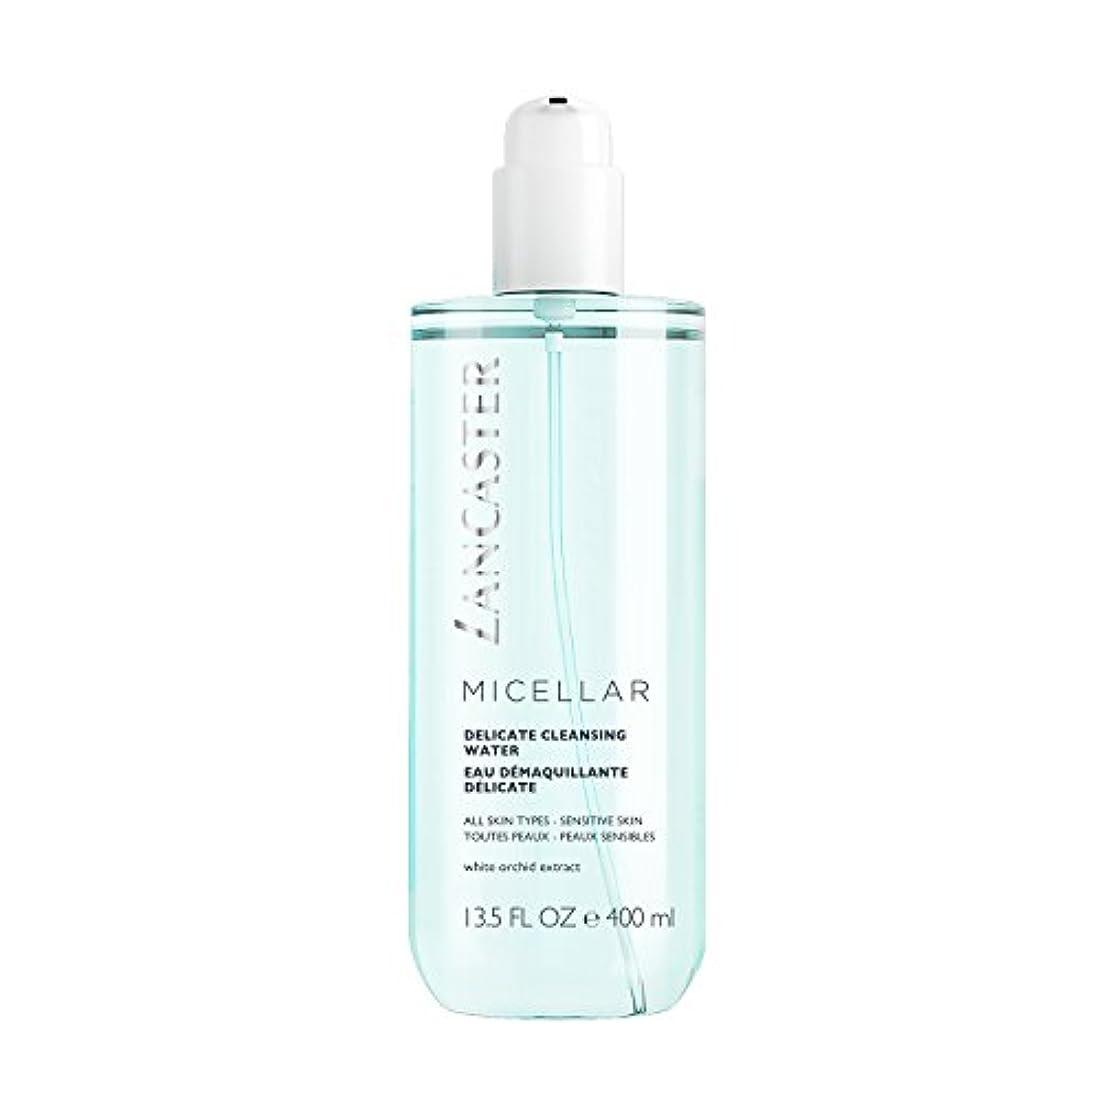 スリル論理的に学部ランカスター Micellar Delicate Cleansing Water - All Skin Types, Including Sensitive Skin 400ml/13.5oz並行輸入品